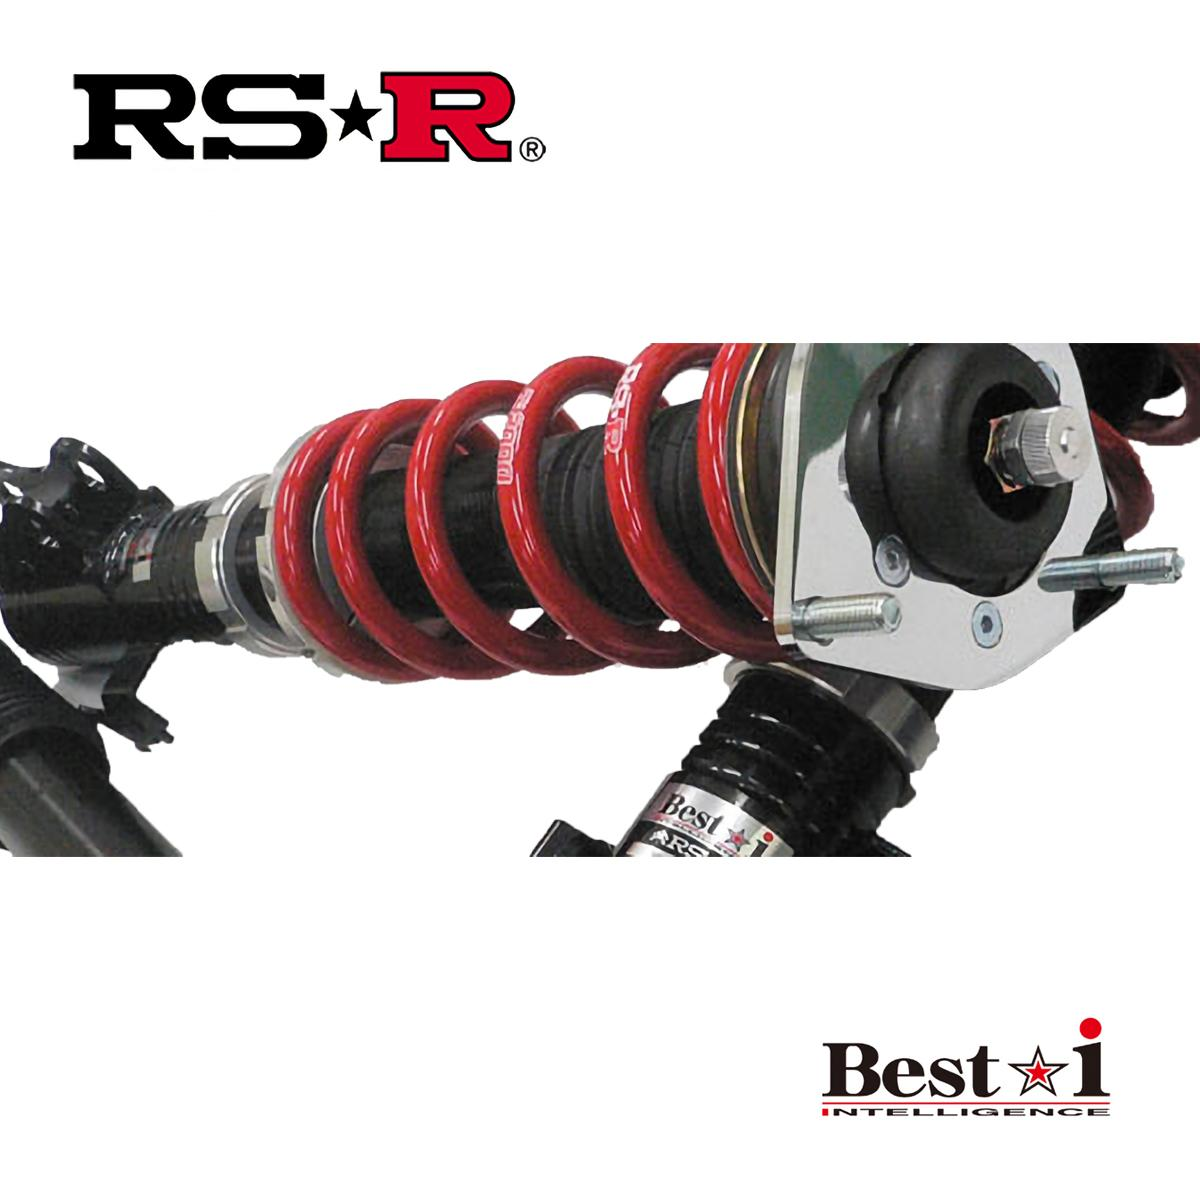 RS-R ポロ TSIトレンドライン AWCHZ 車高調 リア車高調整:ネジ式 BIVW025M ベストi RSR 条件付き送料無料